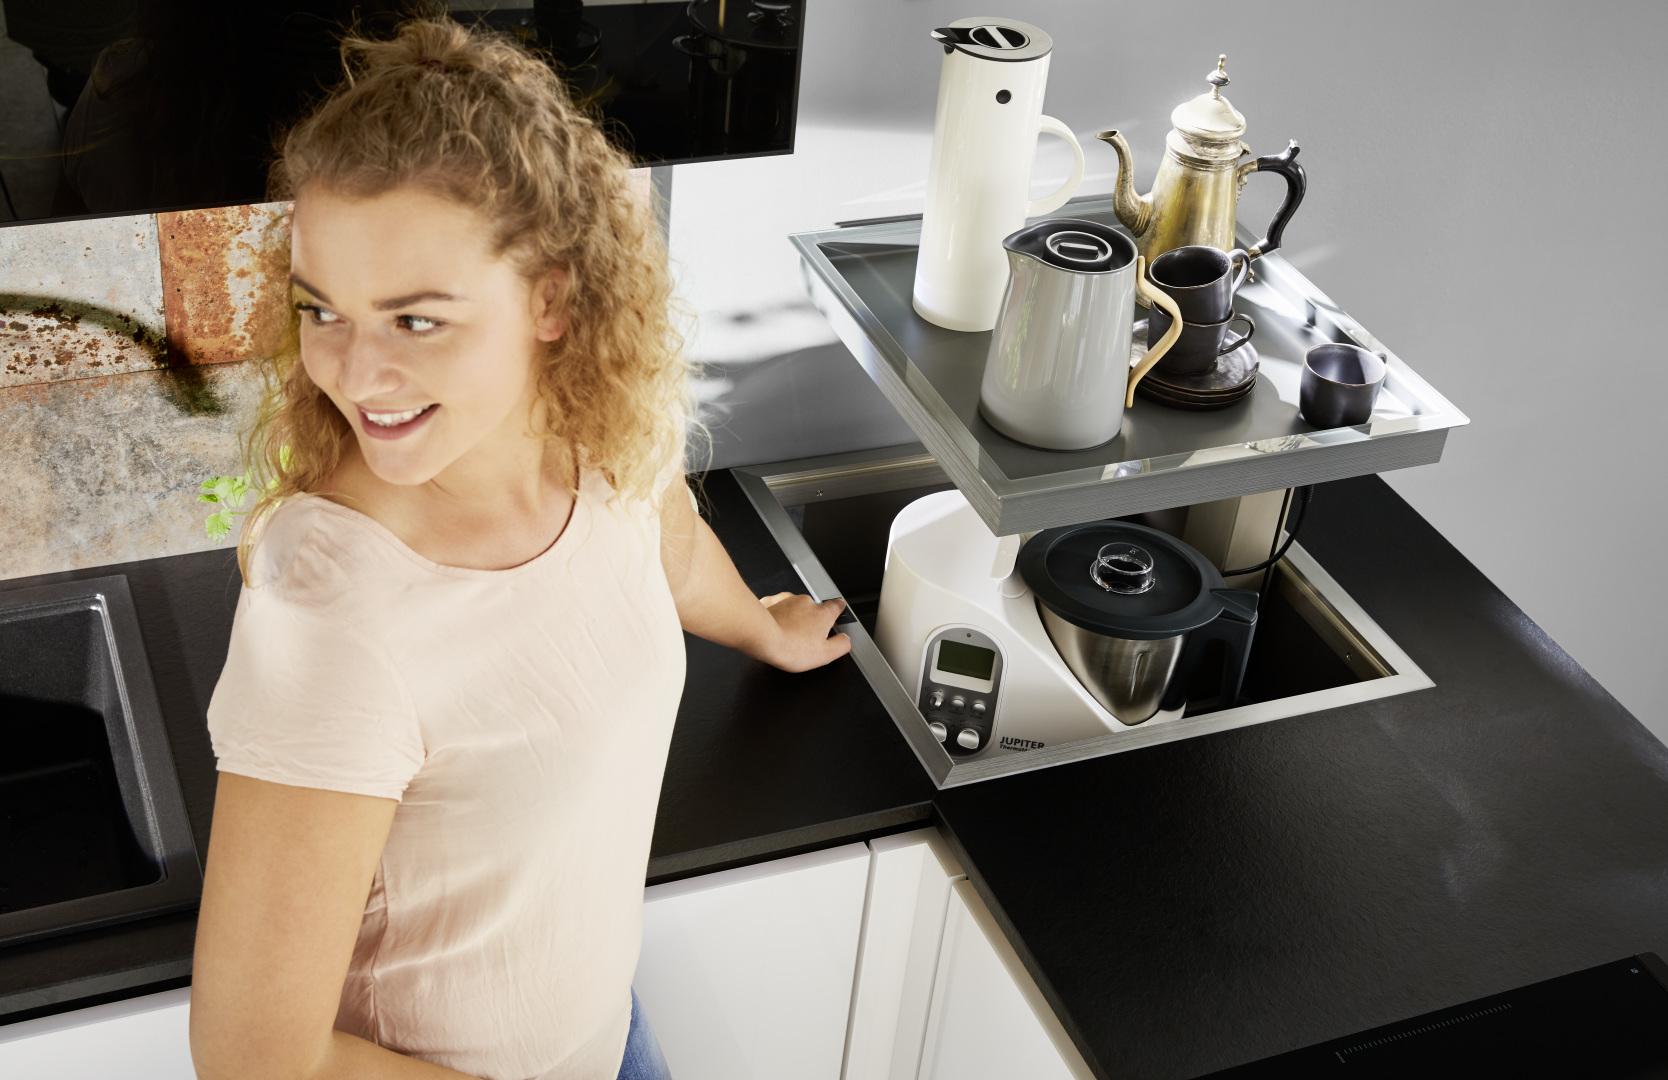 biała kuchnia ze szklanymi frontami nolte kuchen glas tec plus szafka chowana w blacie